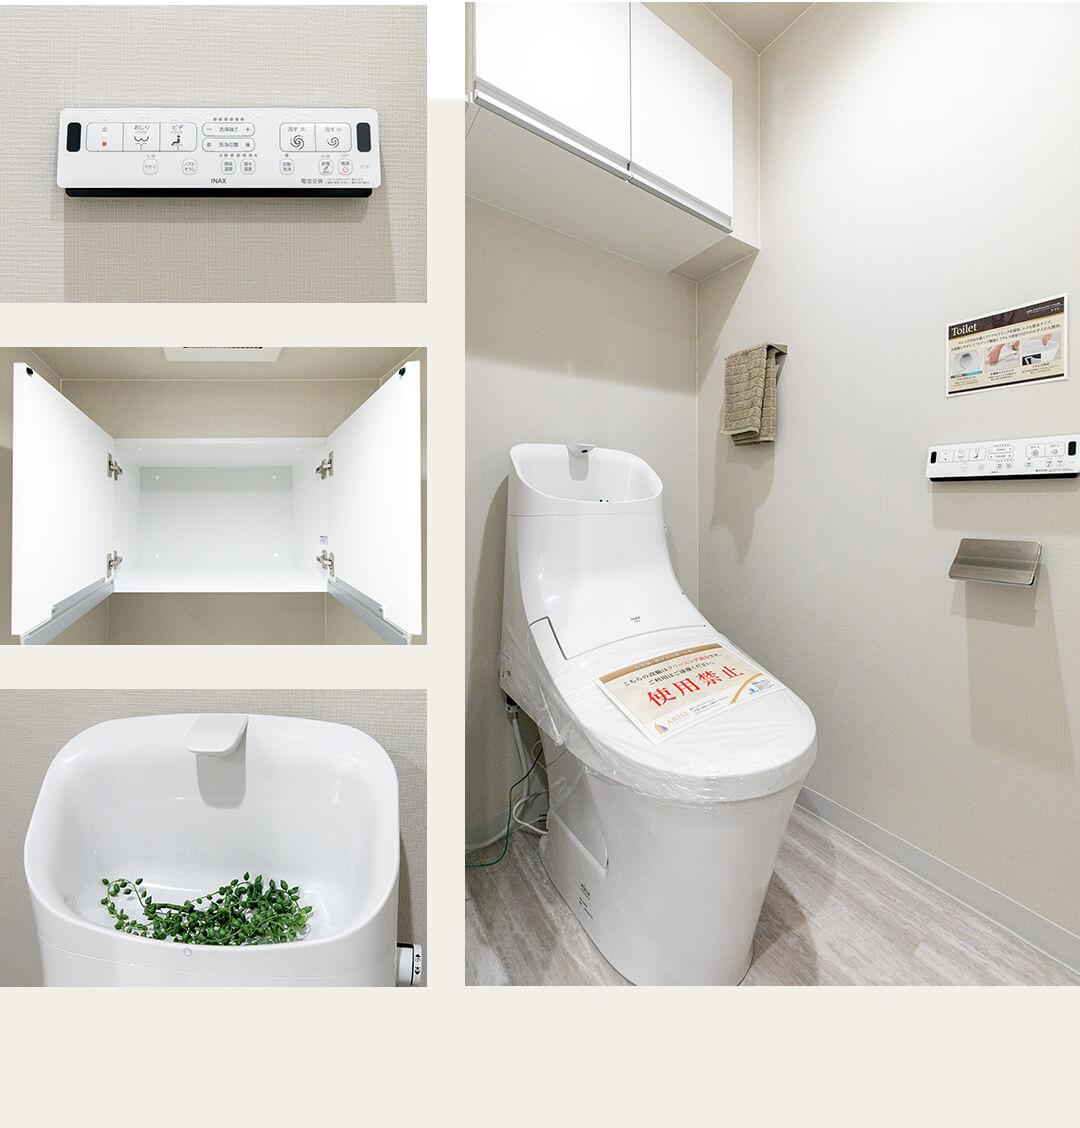 ホームズ笹塚のトイレ